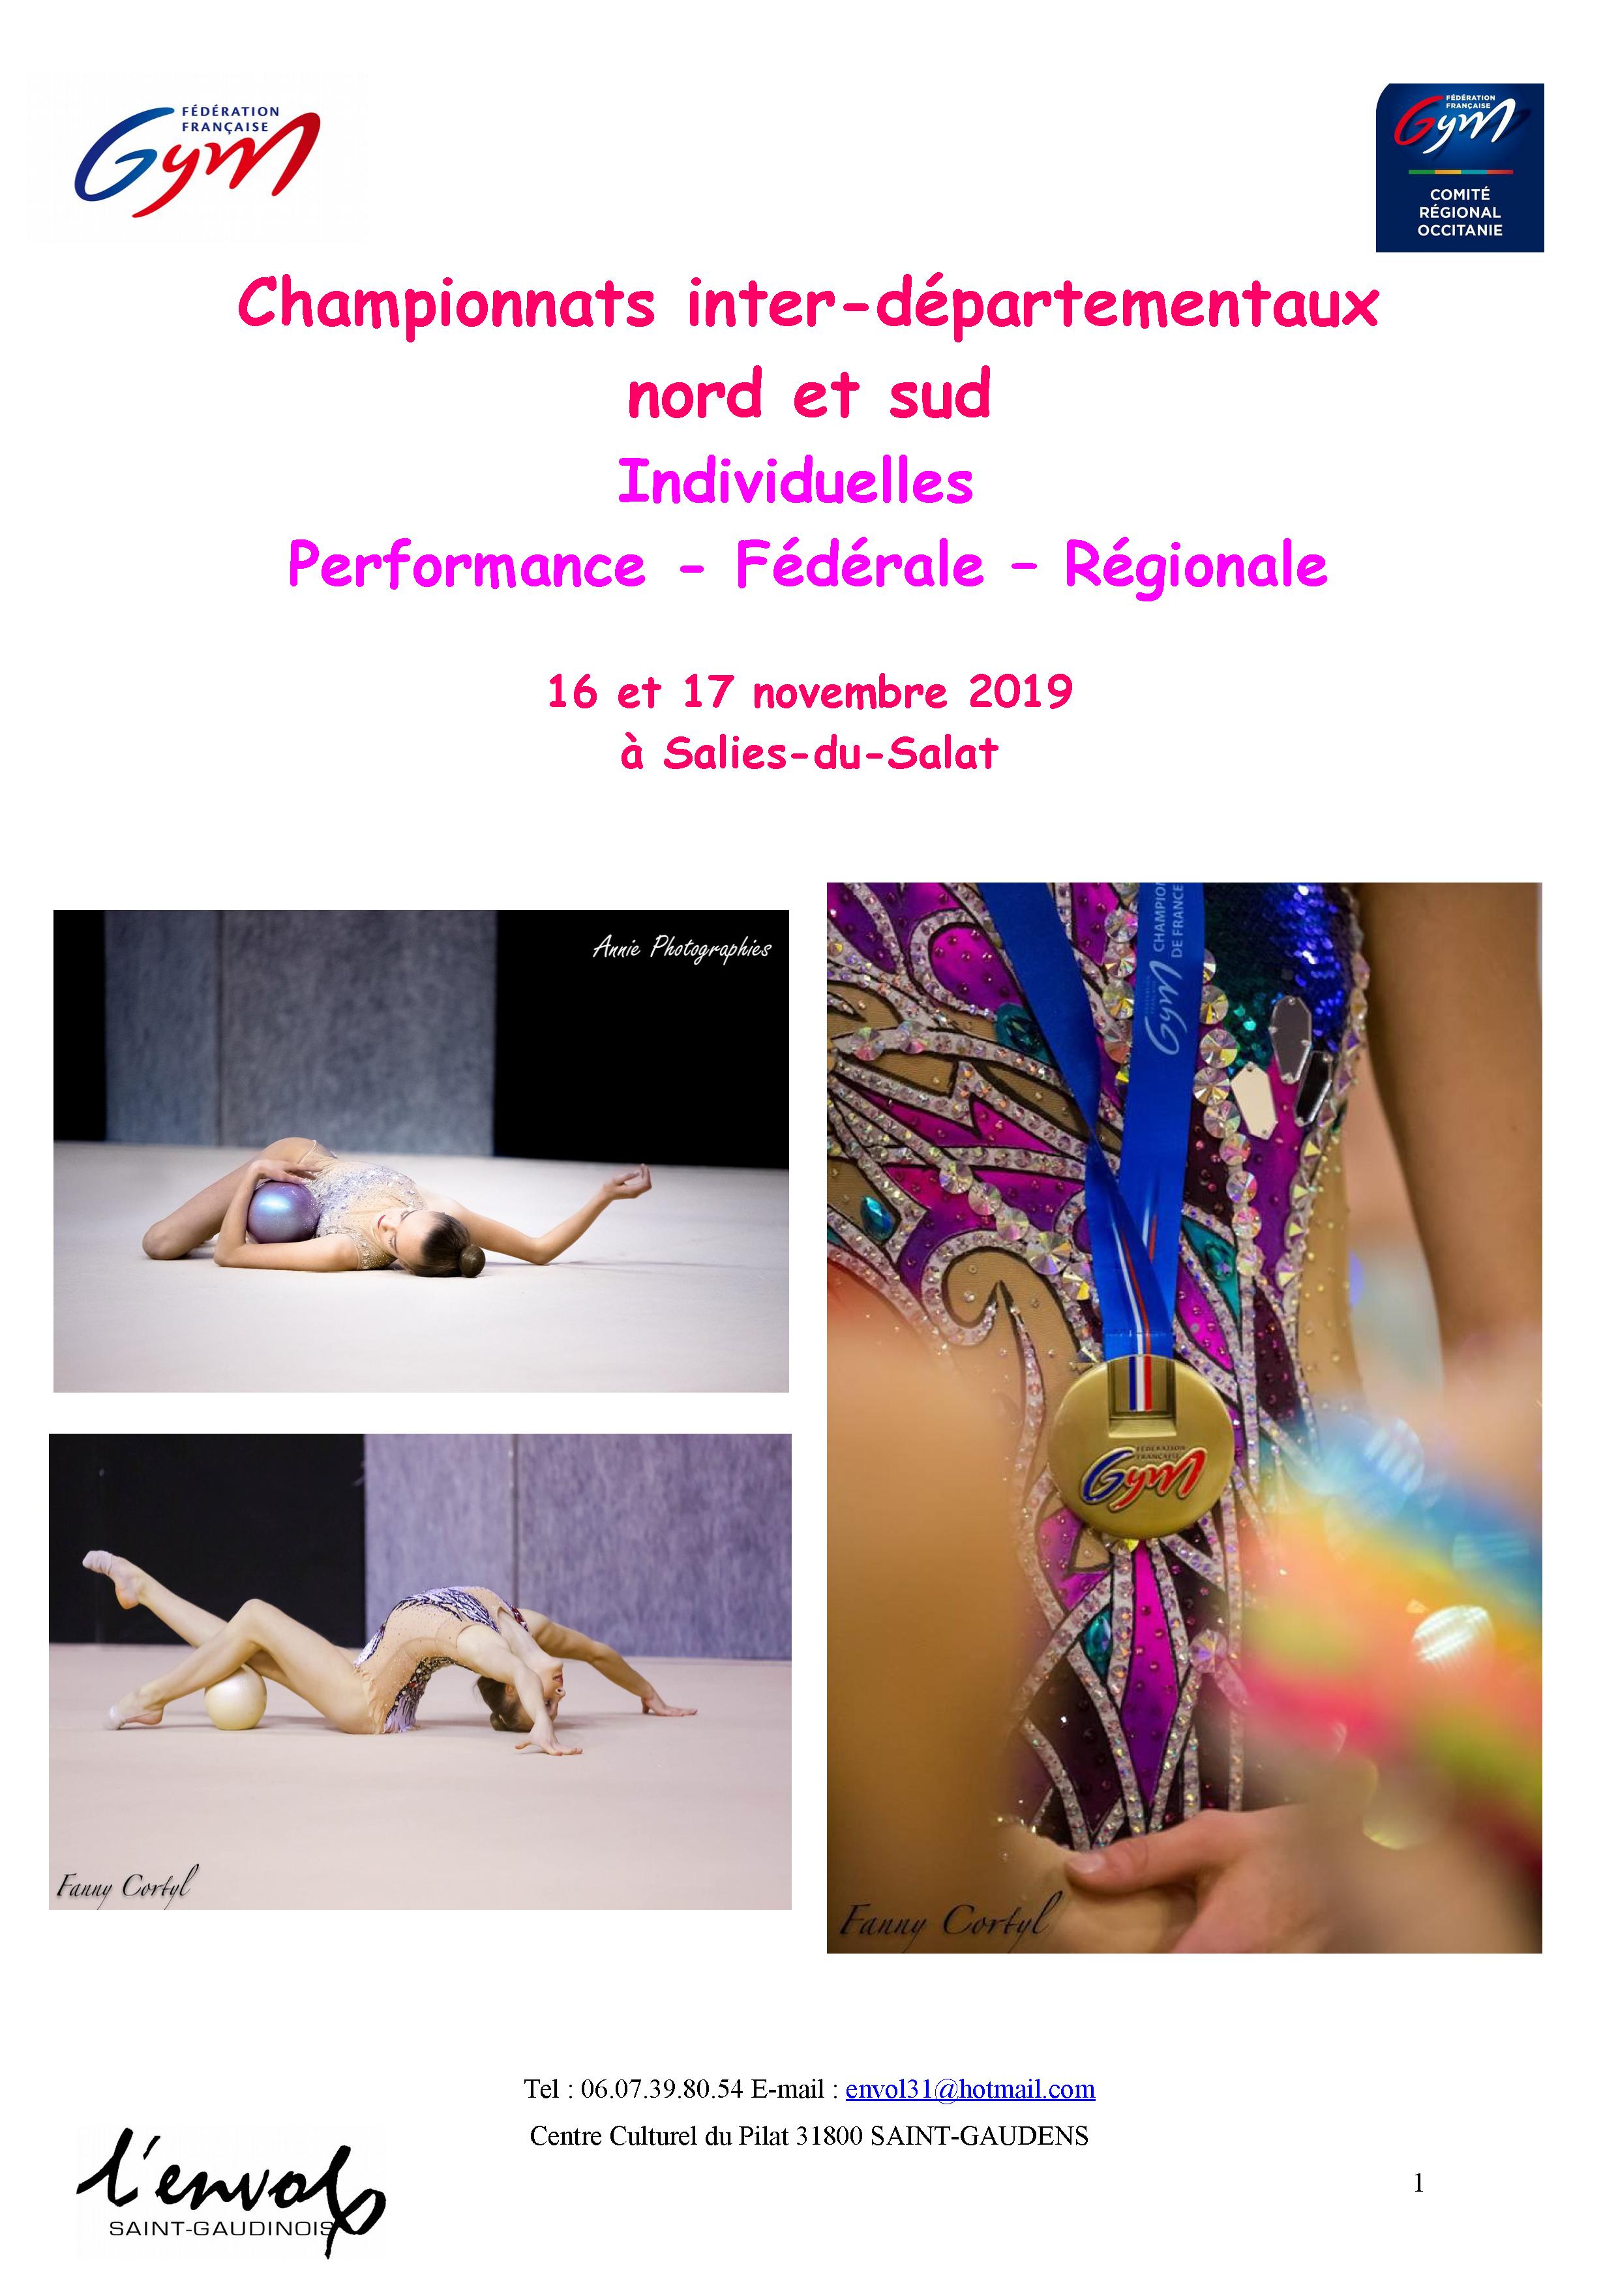 GR - Individuelles Performance Fédérale et Régionale Inter-Départemental NORD / SUD - SAINT GAUDENS